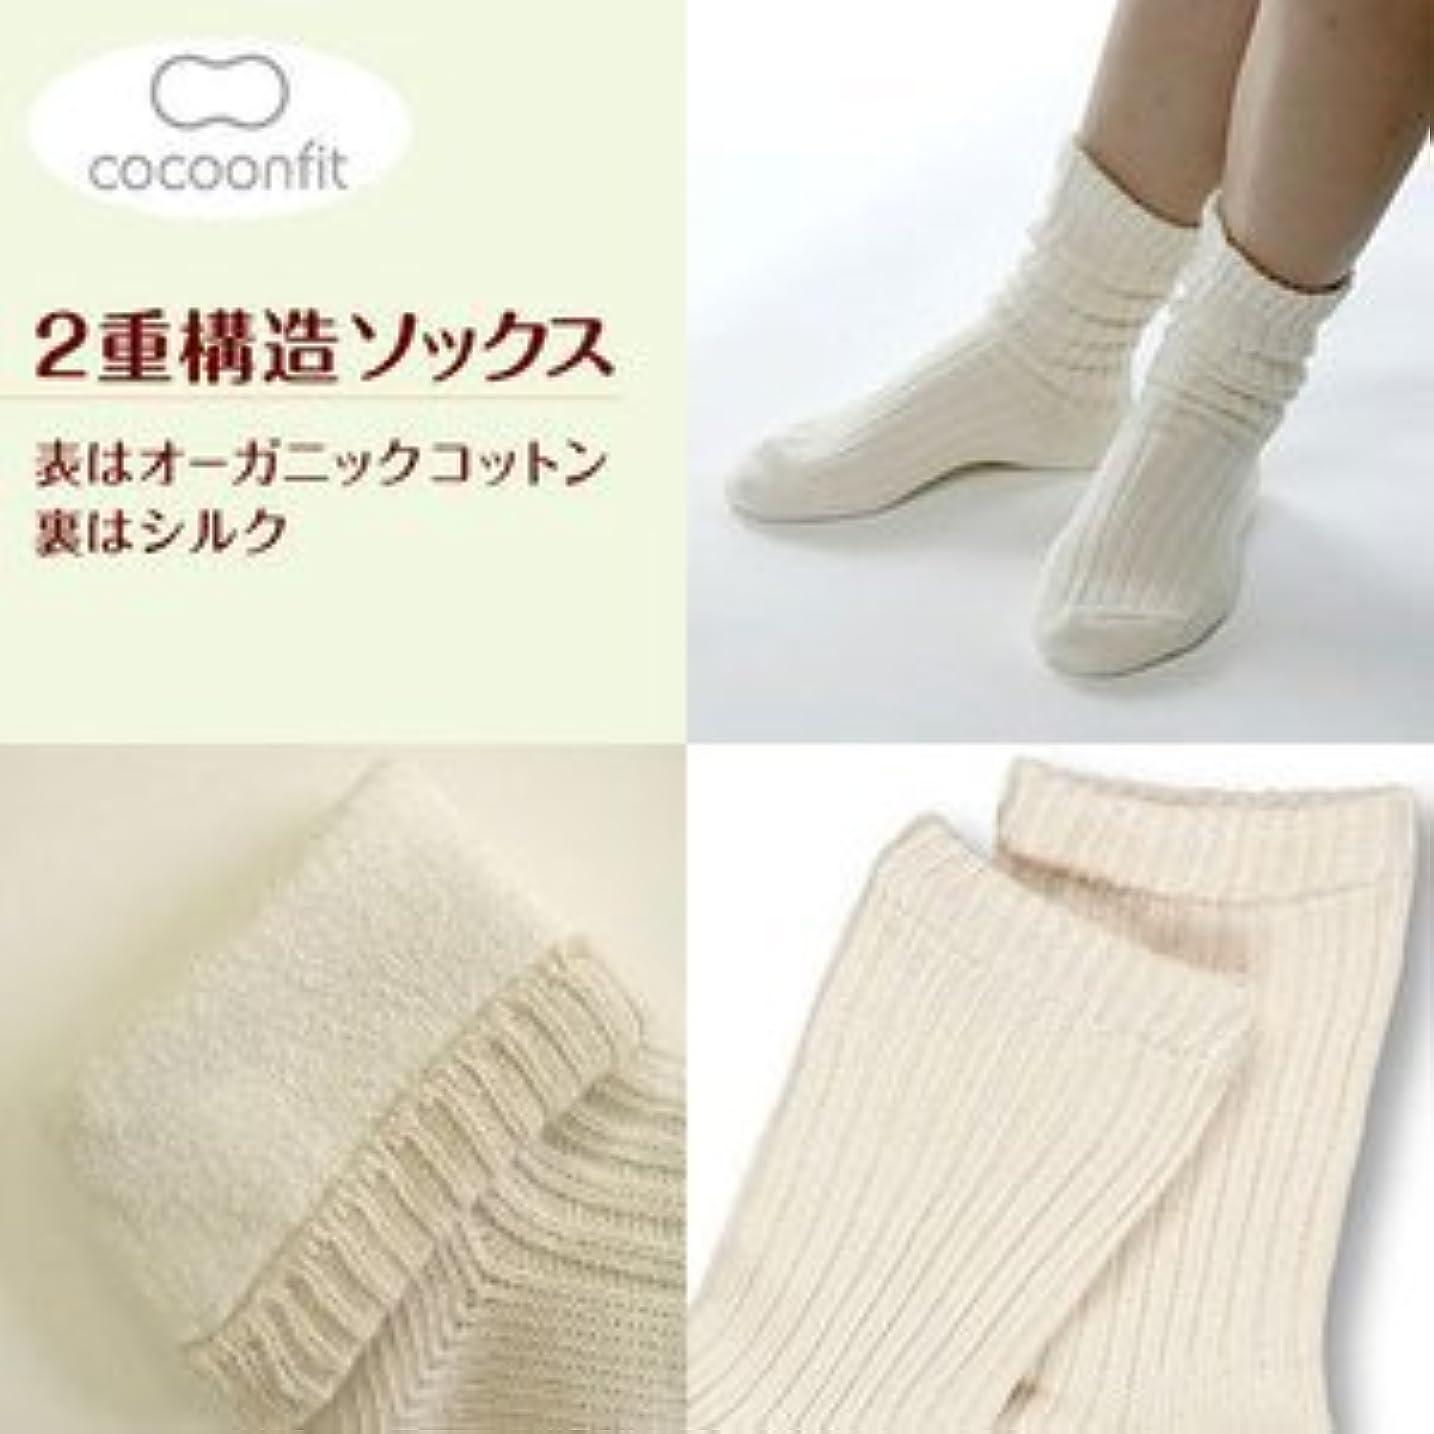 下個性輸血シルク 2重編みソックス (冷え取り靴下、冷えとり 靴下 シルク、重ね、二重)